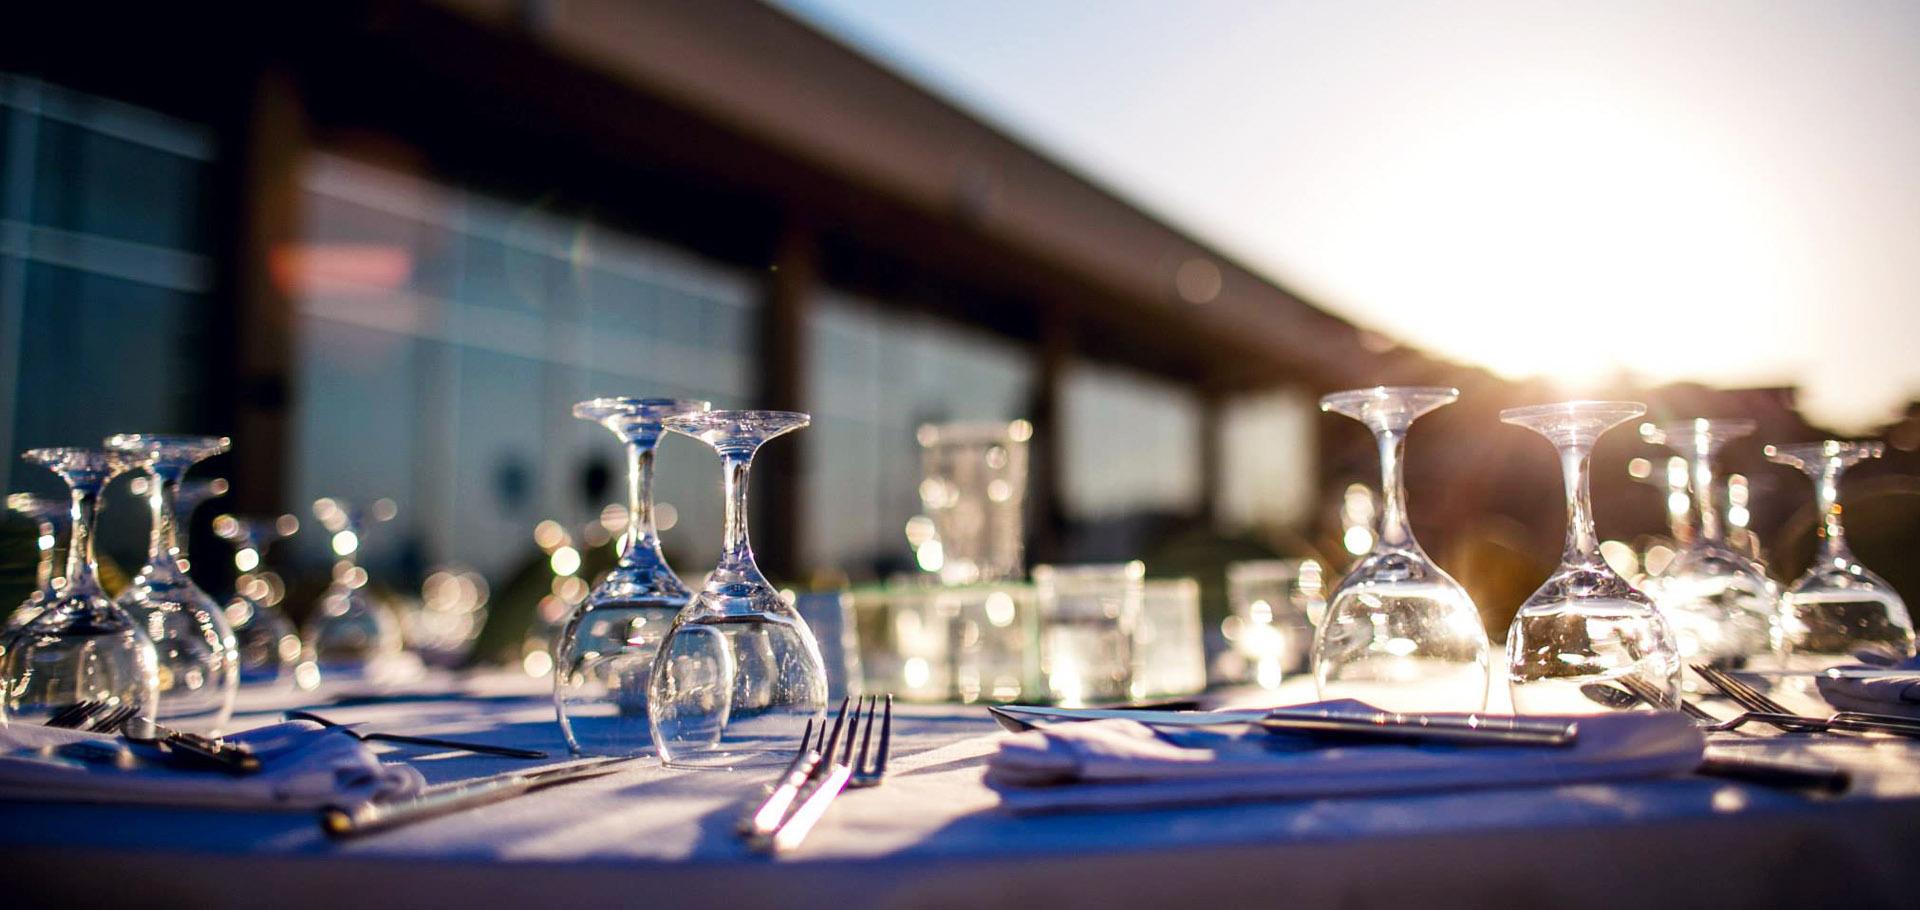 Międzynarodowe Szkolenie dla Liderów FM Group World - elegancja kolacja przy zachodzie słońca